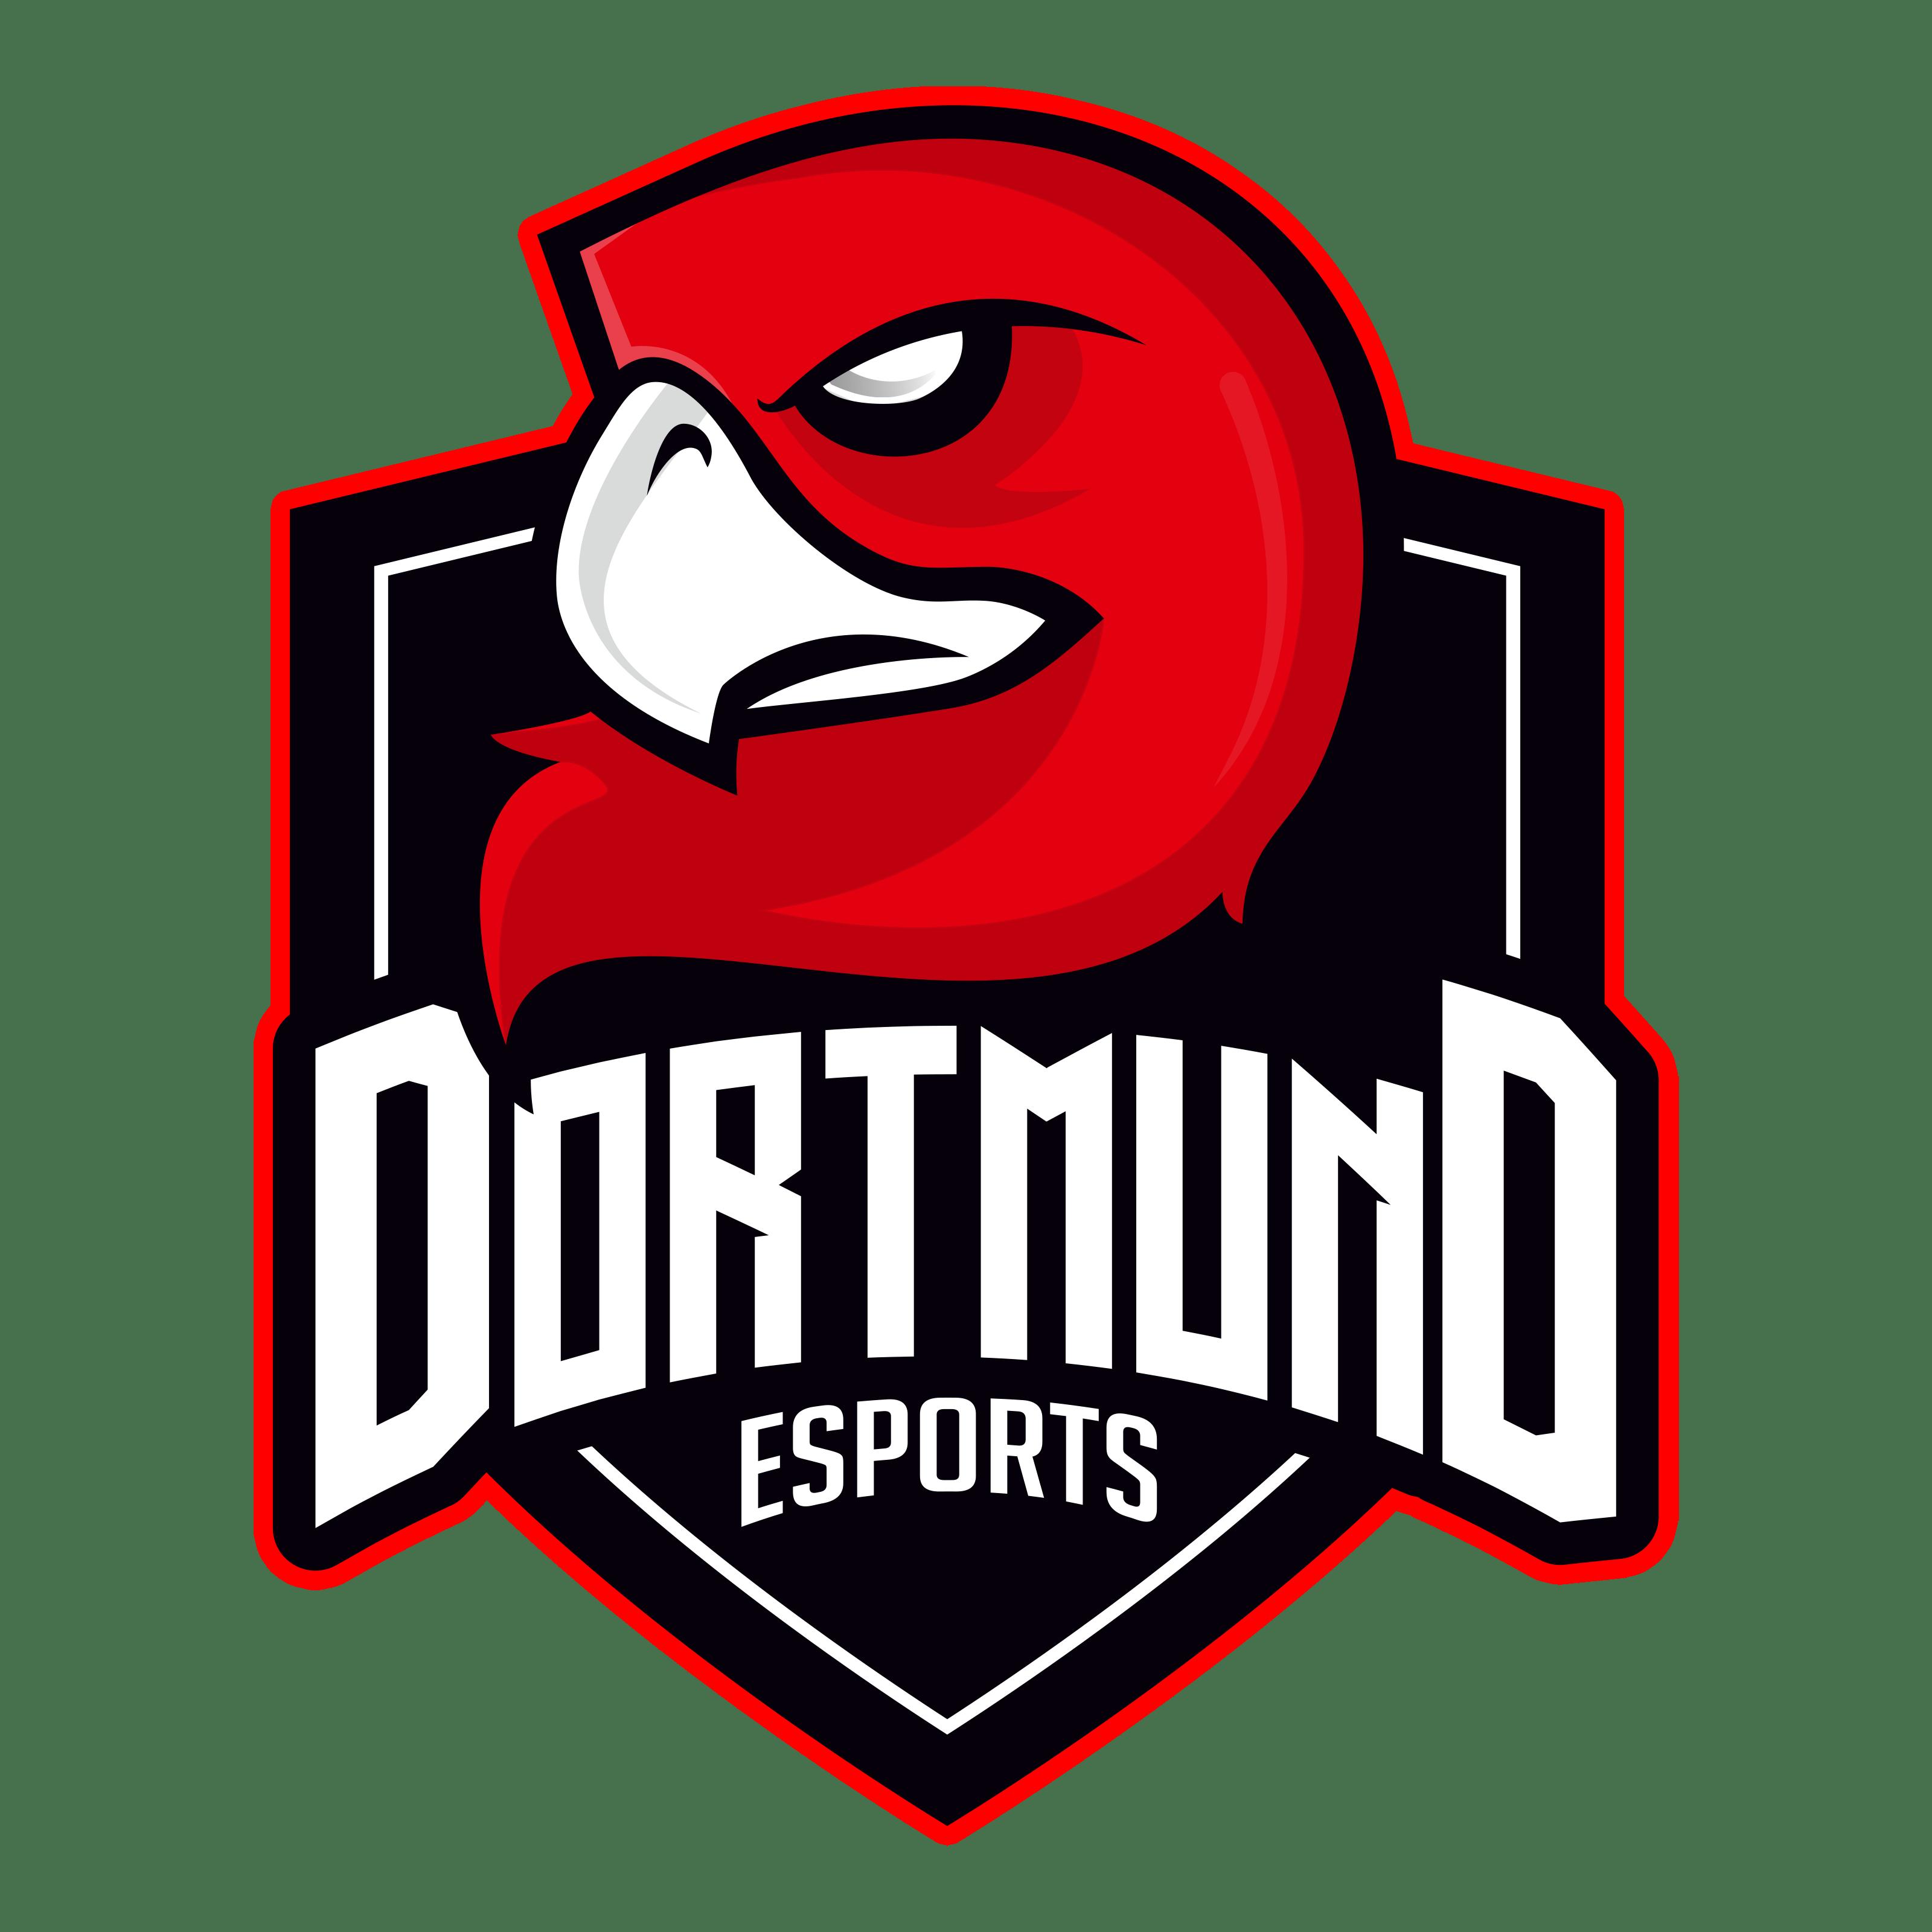 Der Verein – Dortmund eSport